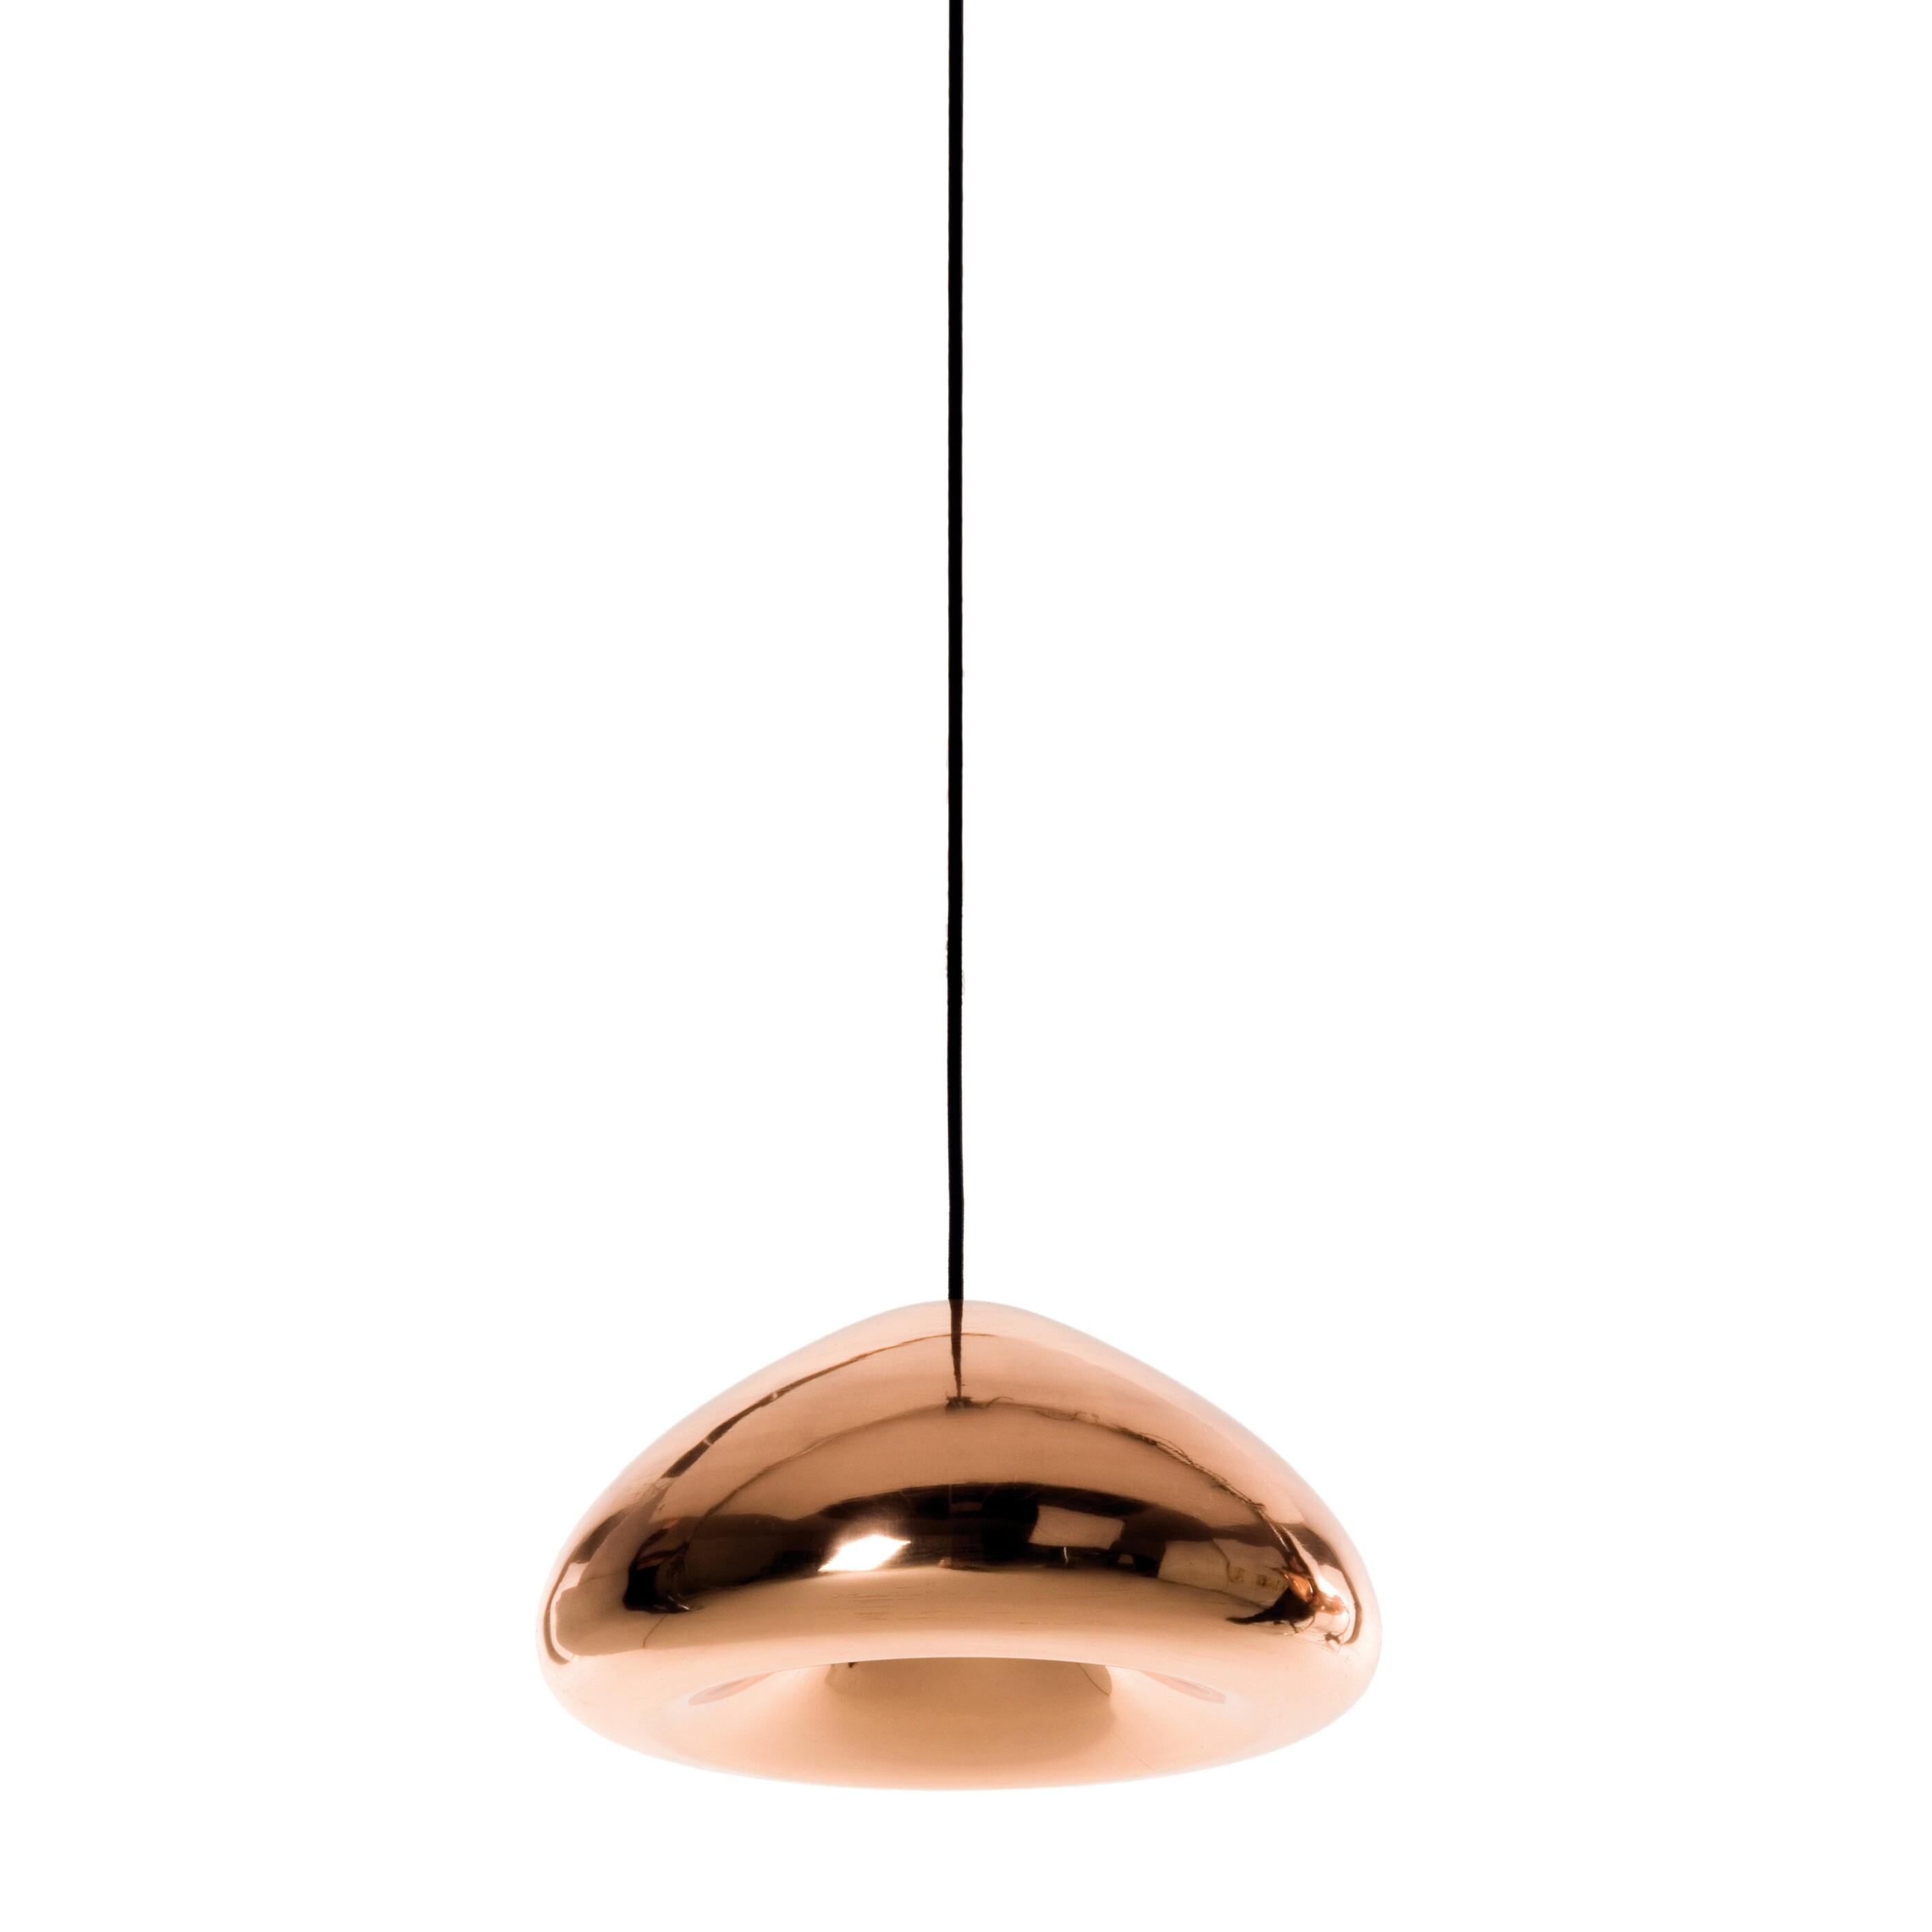 Void LED Pendel Kobber – Tom Dixon